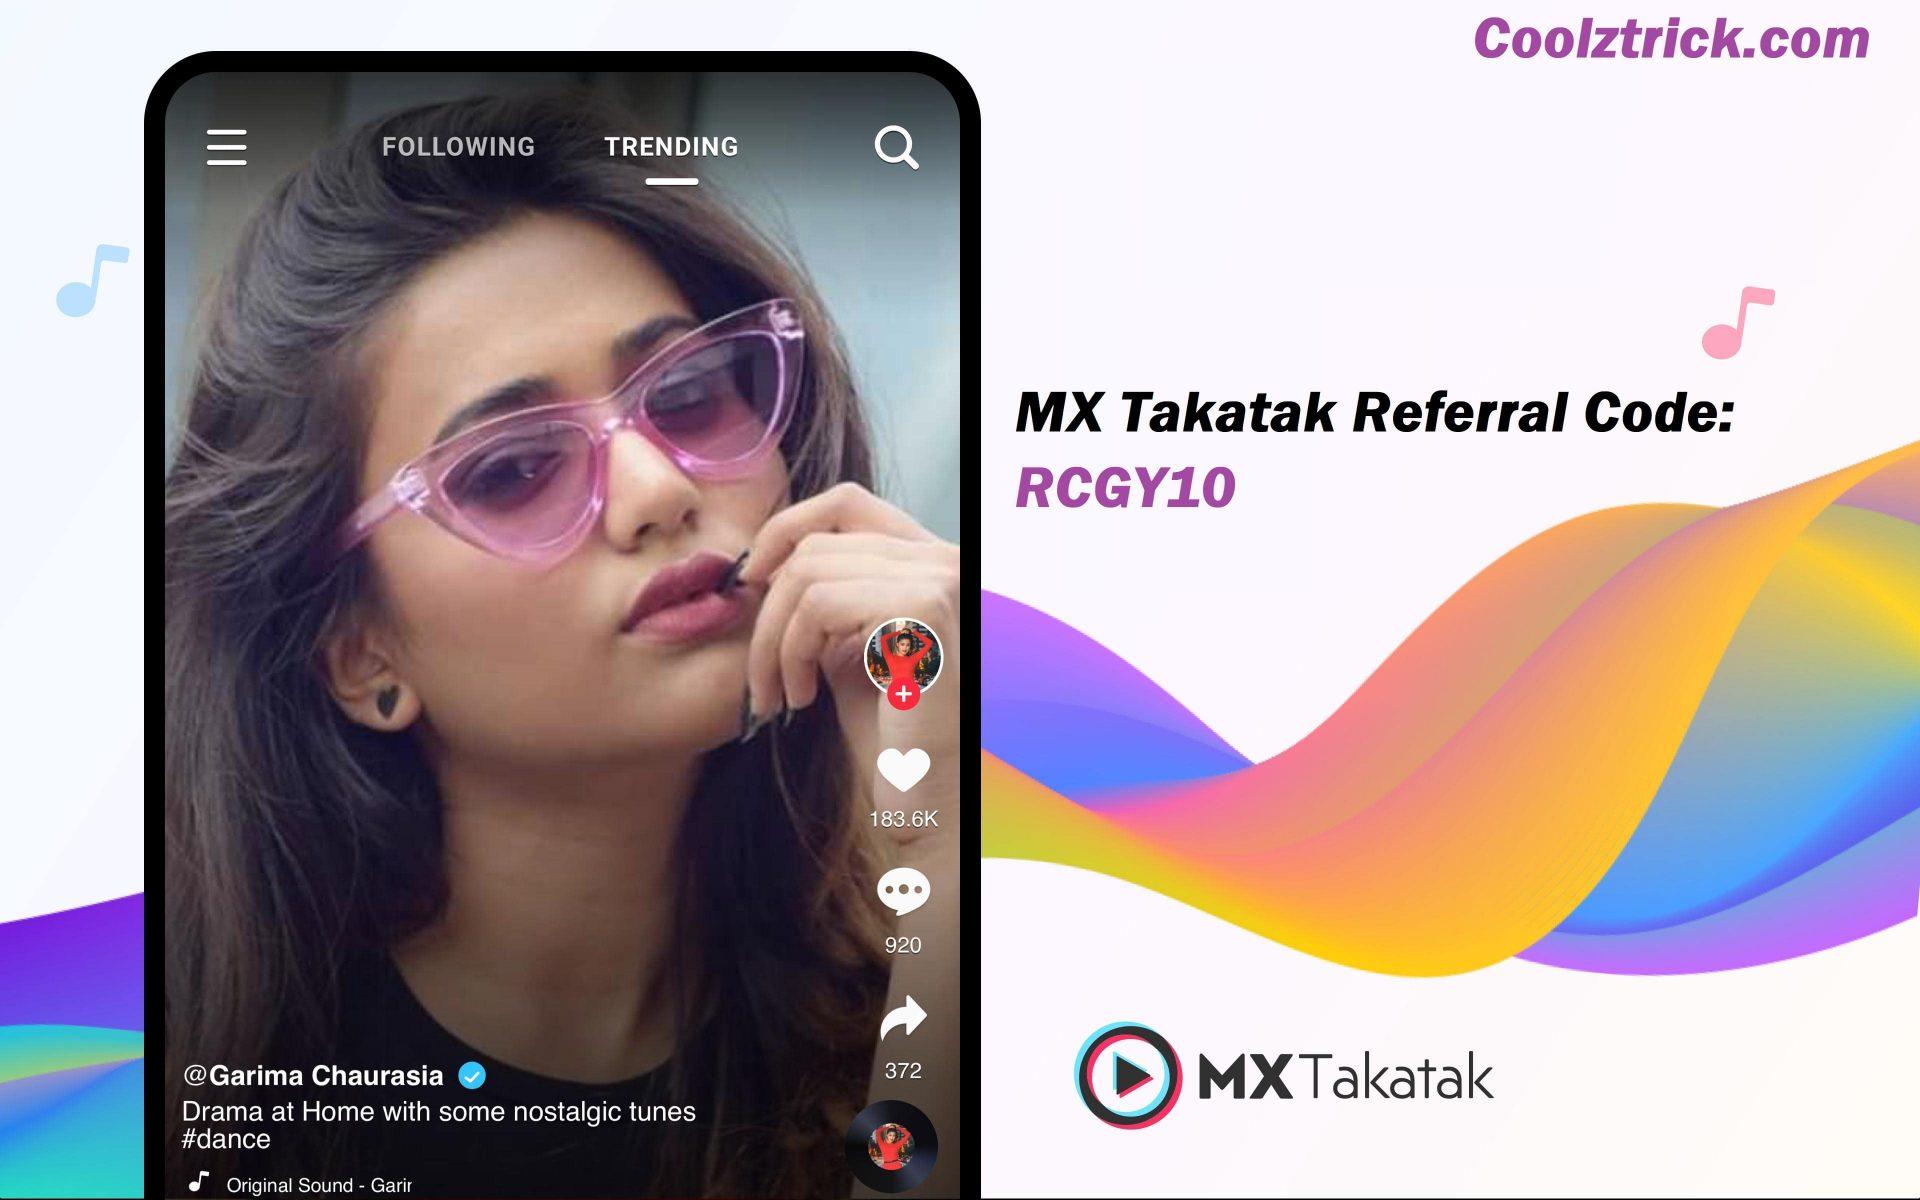 MX Takatak Referral Code